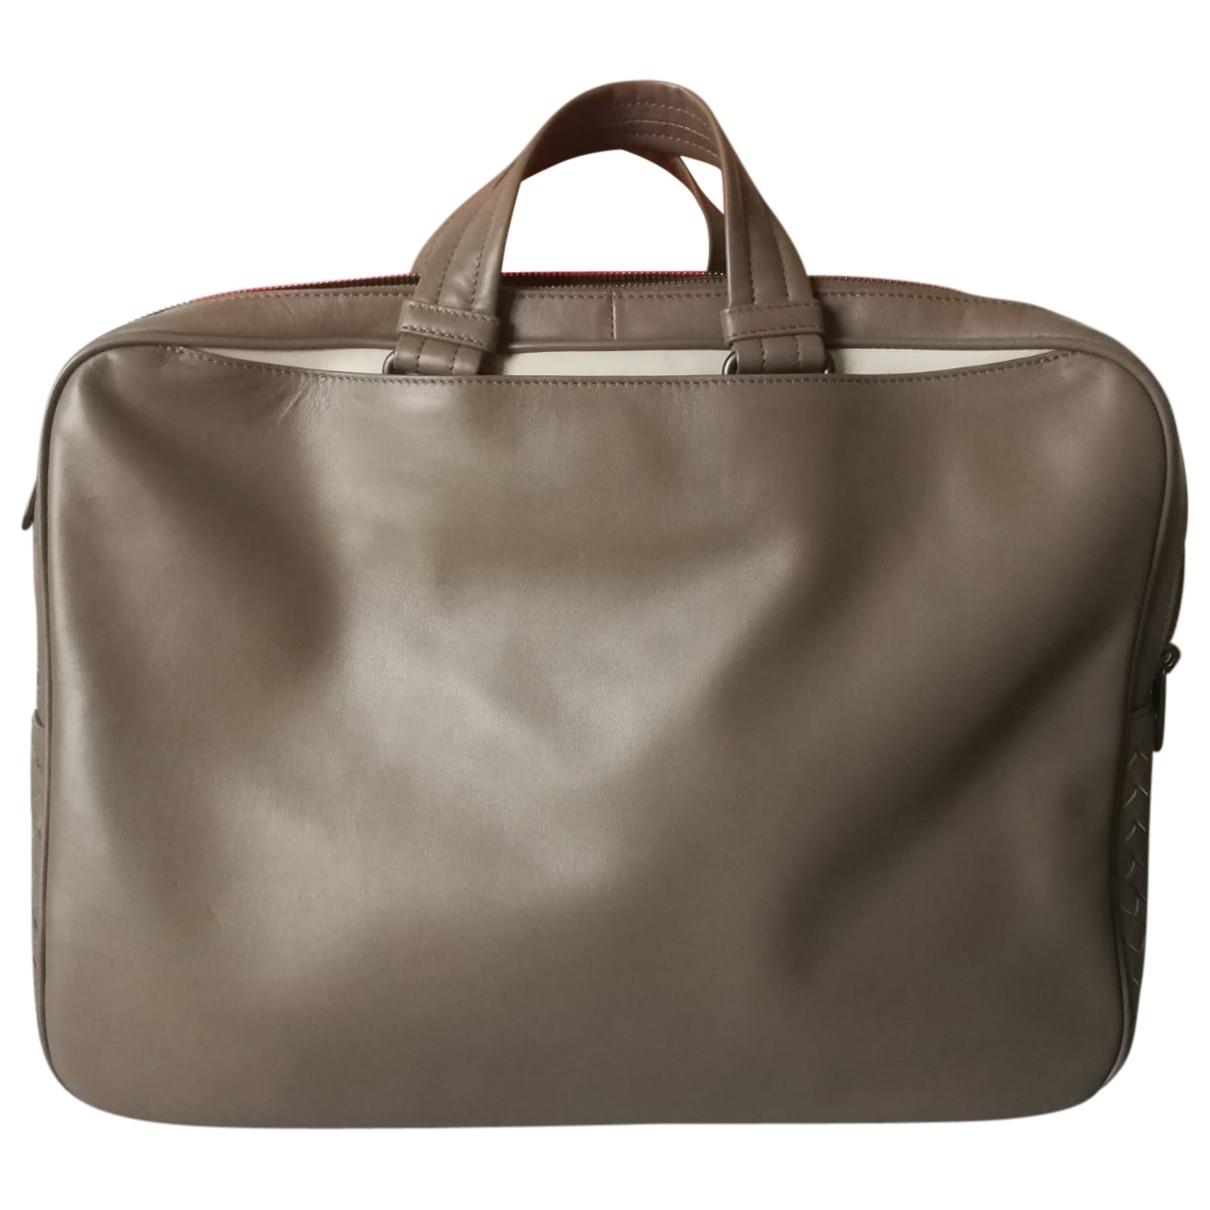 Bottega Veneta \N Beige Leather bag for Men \N